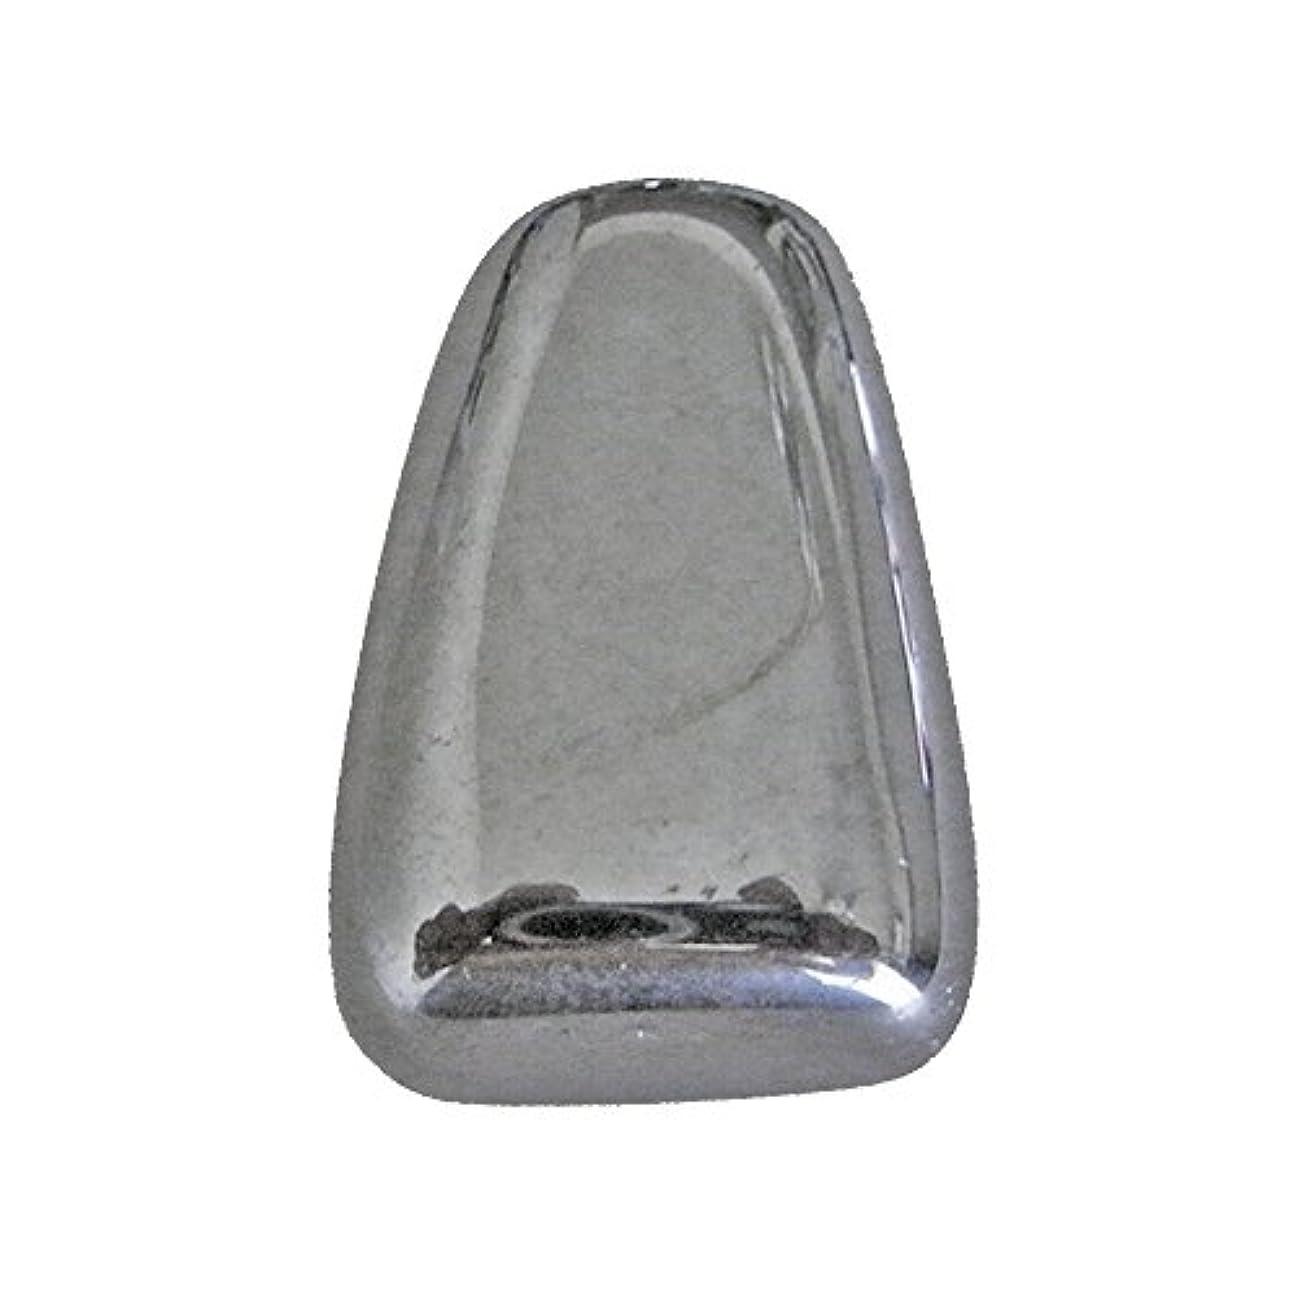 混合彼女のゴミ箱Natural Pure ドクターノバリア テラヘルツ ソニックストーン1個用 リフトアップ&小顔対応 50~55g前後本物の証